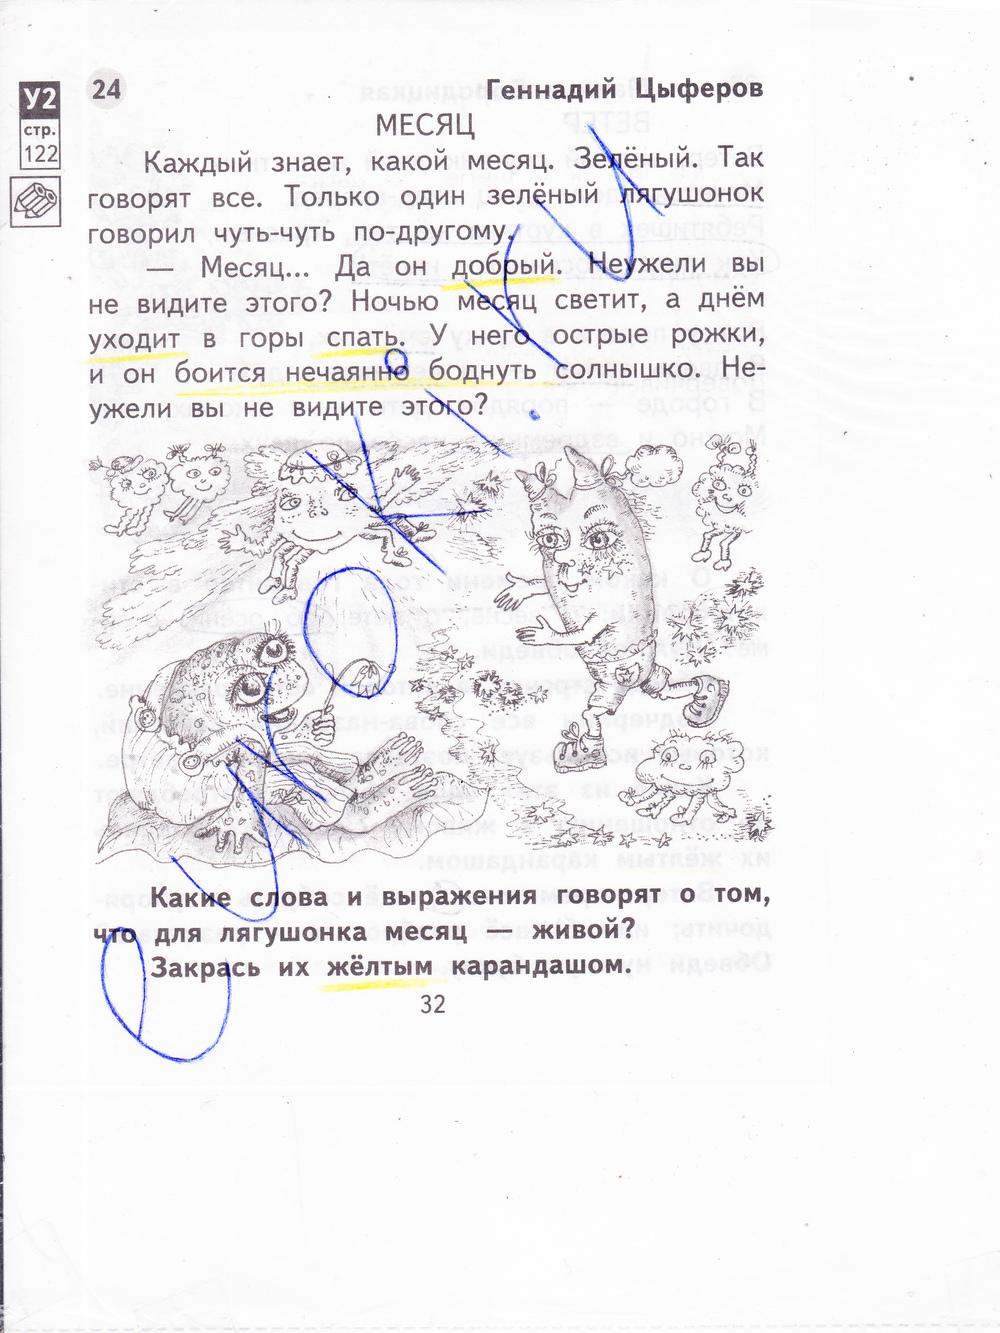 ГДЗ по литературному чтению 2 класс рабочая тетрадь Малаховская Часть 1, 2. Задание: стр. 32